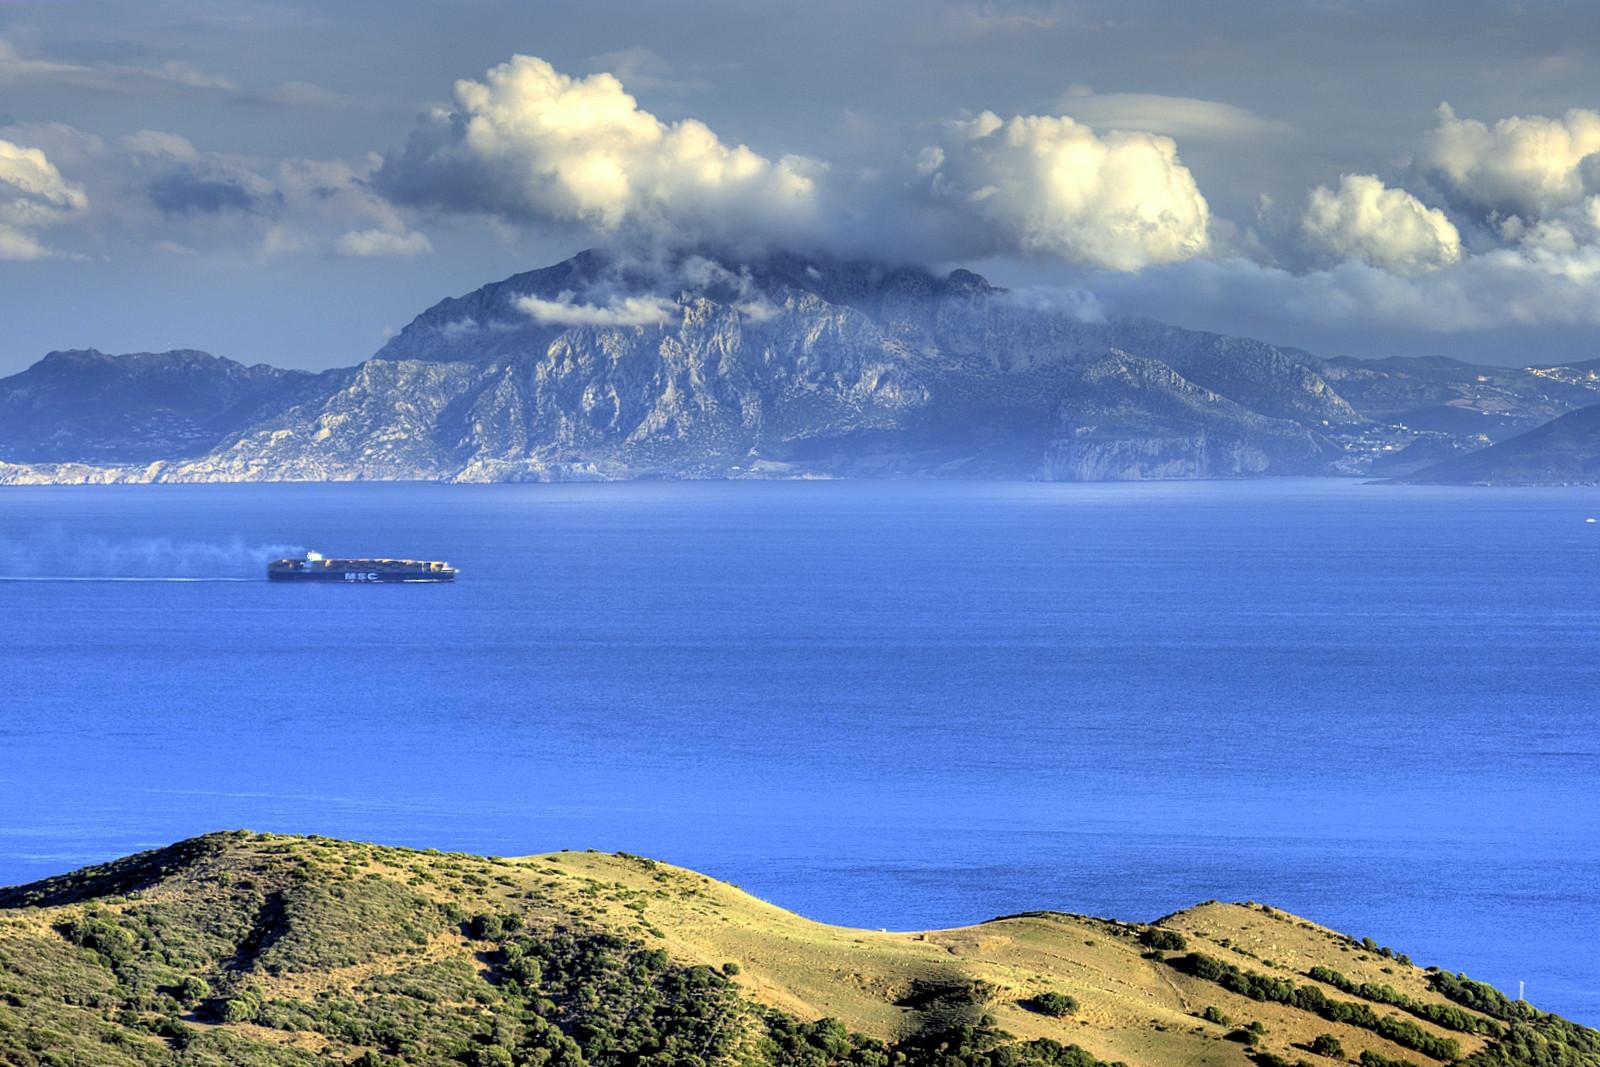 Споры, кому должен принадлежать Гибралтар, не утихают до сих пор. Уже более 300 лет испанцы пытаются вернуть себе свои бывшие владения.